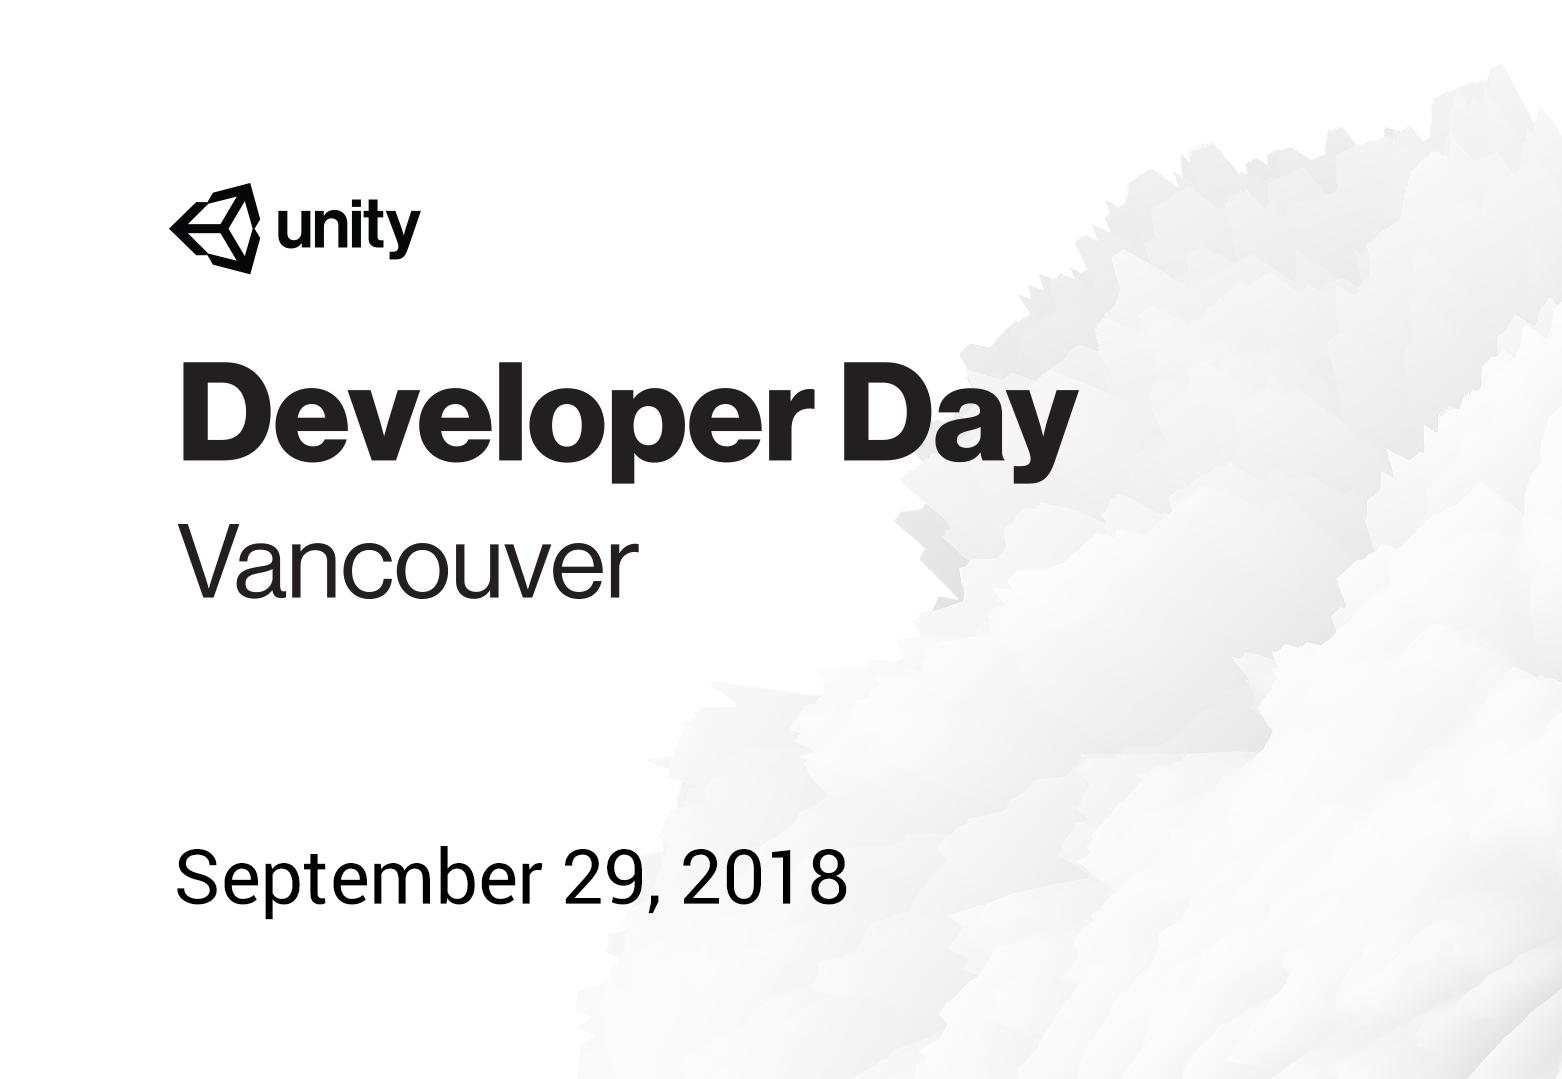 Unity Developer Day: Vancouver 2018